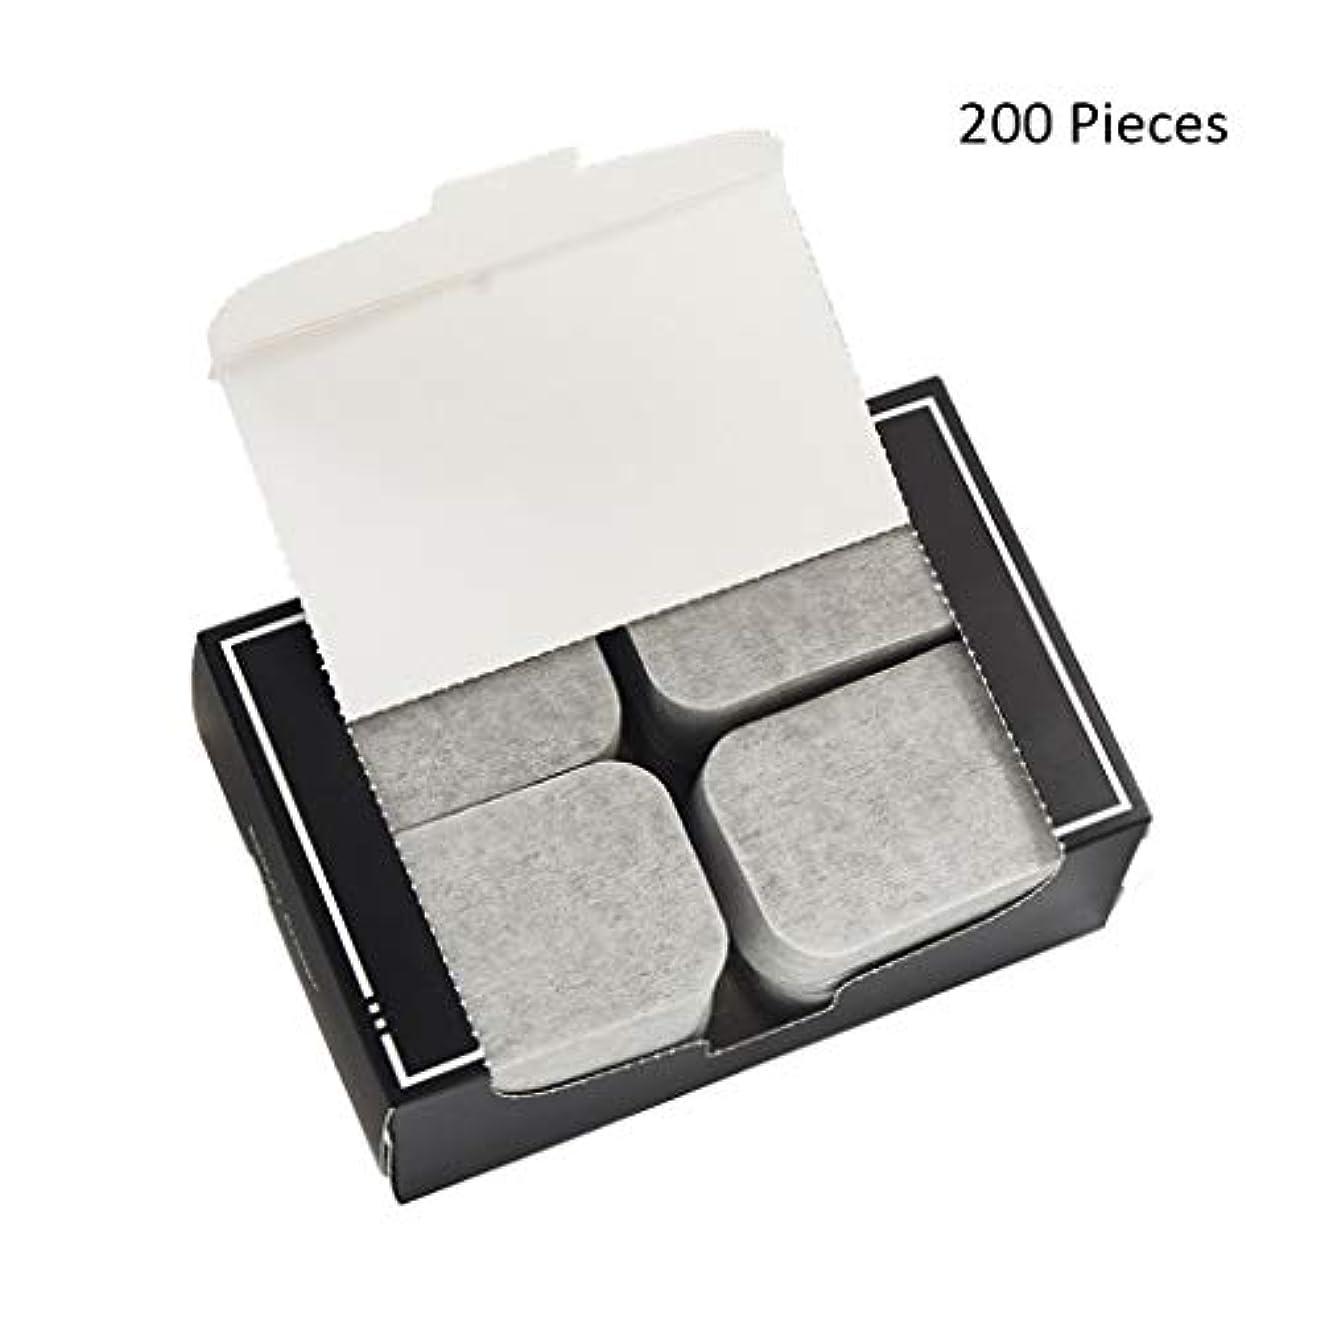 進化毒穏やかなクレンジングシート 200ピースフェイスメイクアップリムーバー竹炭コットンパッドソフトクレンジングメイクピュアコットン両面スライス 落ち水クレンジング シート モイスト (Color : Gray, サイズ : 7*5cm)